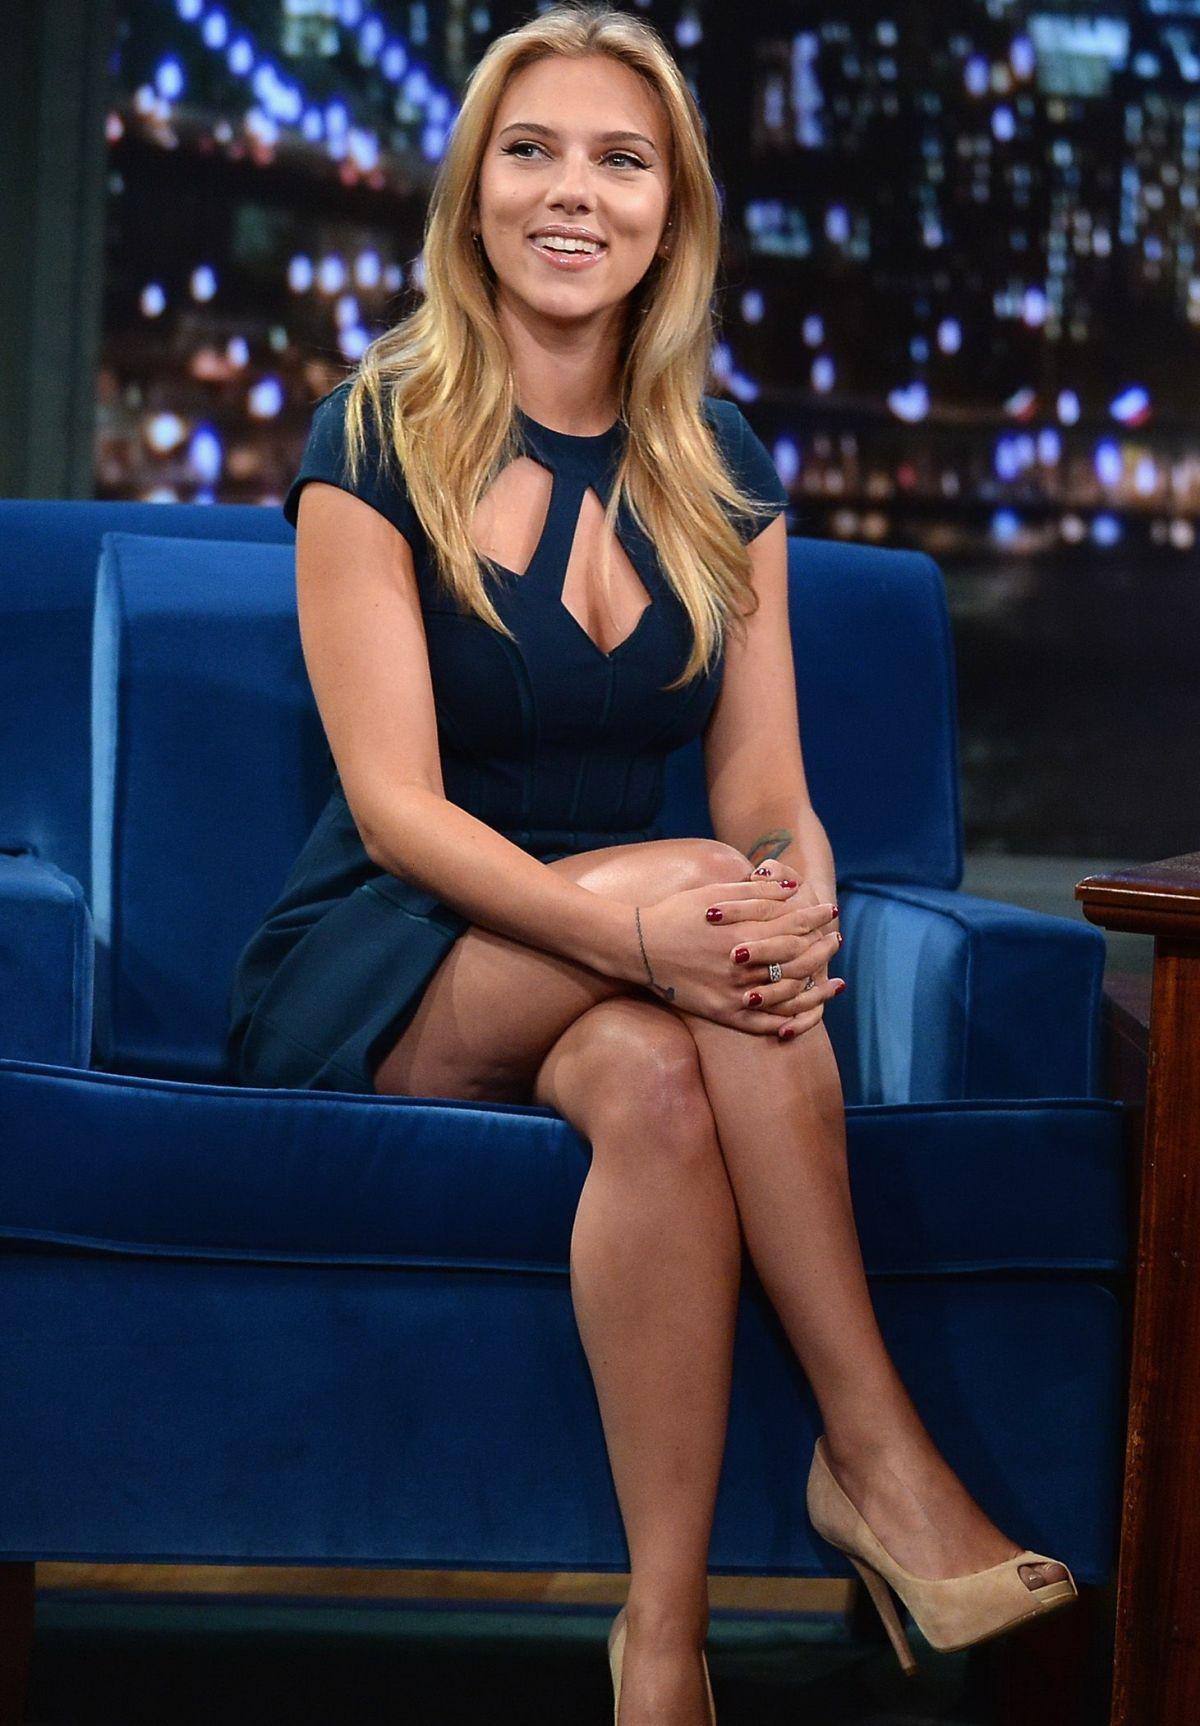 Scarlett Johansson Sobre Sus Fotos Intimas -6032